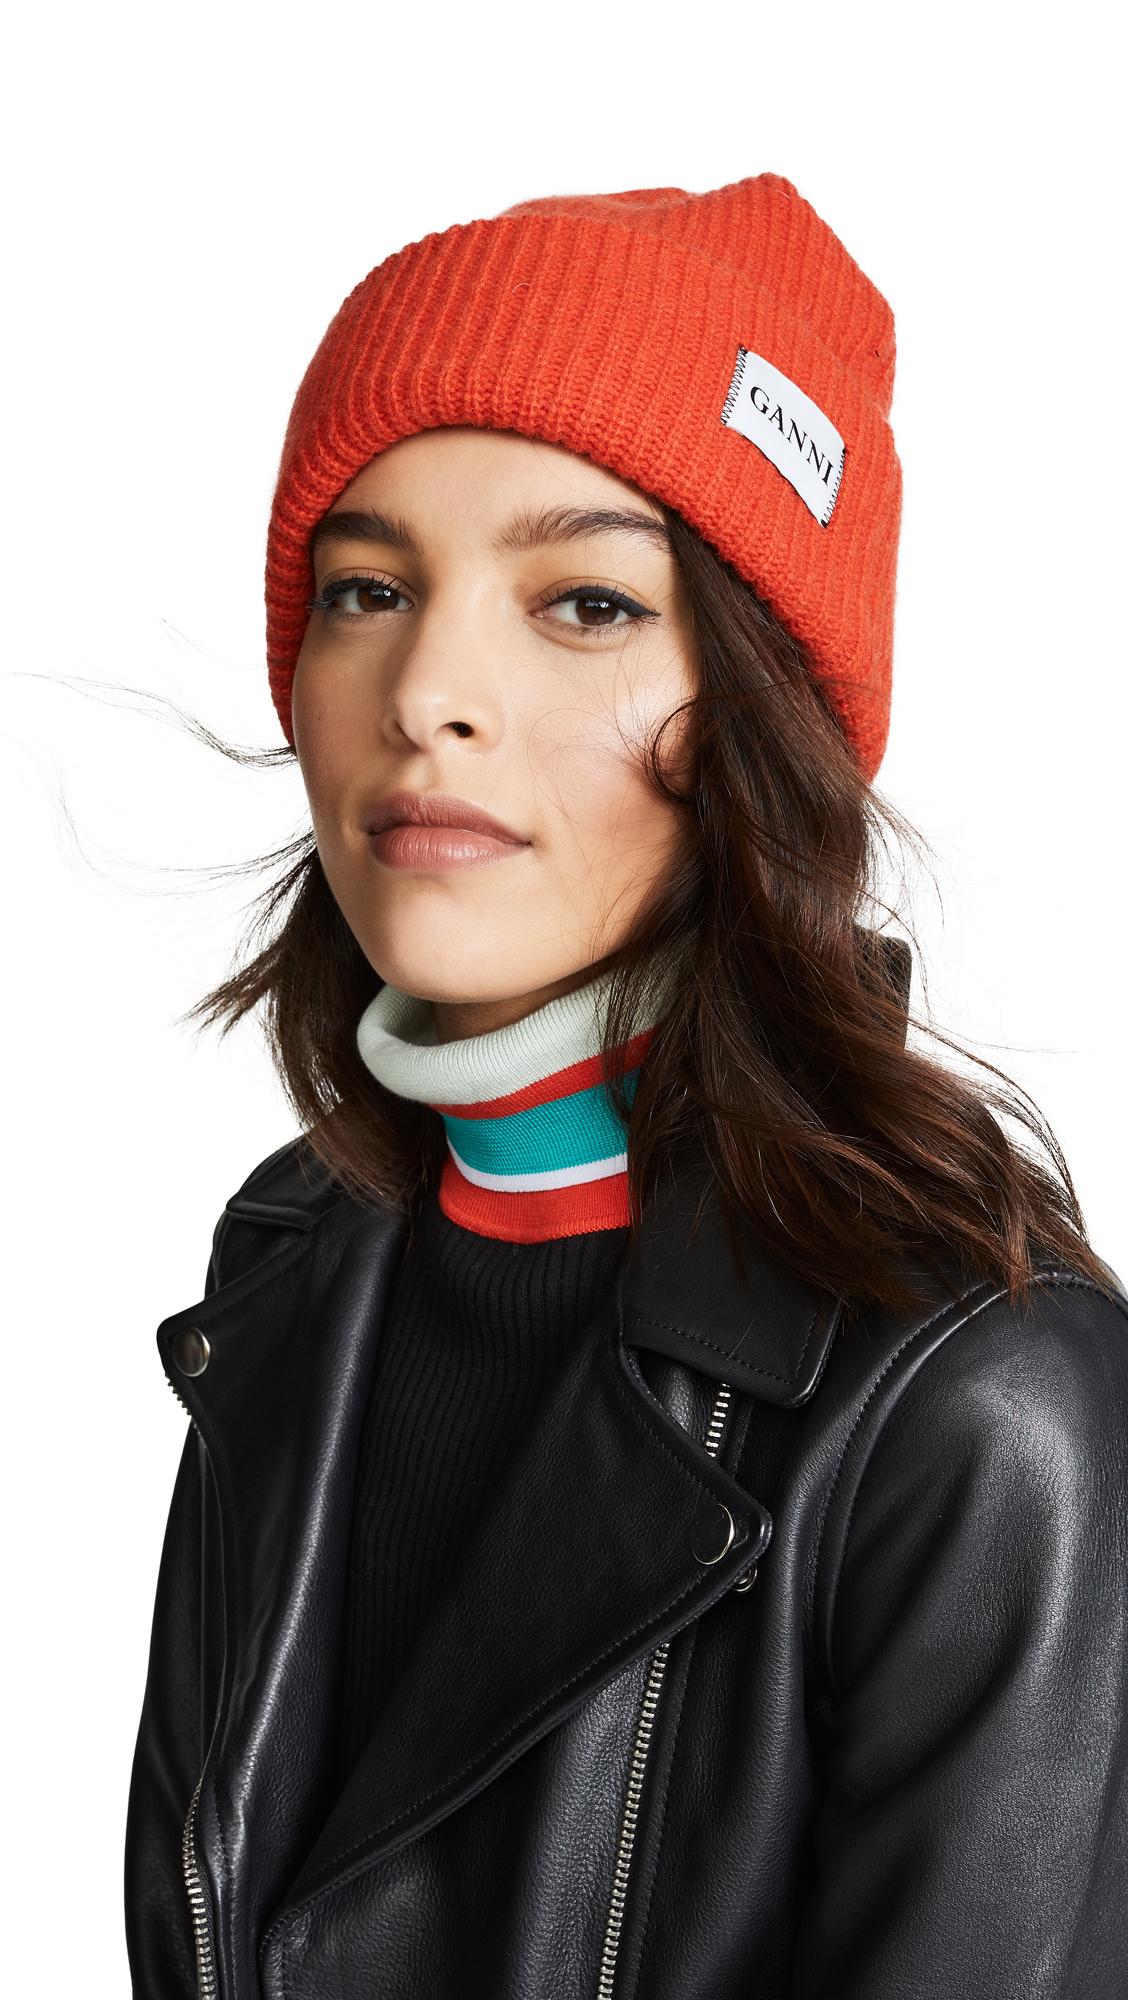 9d1c9dec76e65 Ganni Hatley Wool-Blend Beanie Hat In Fiery Red